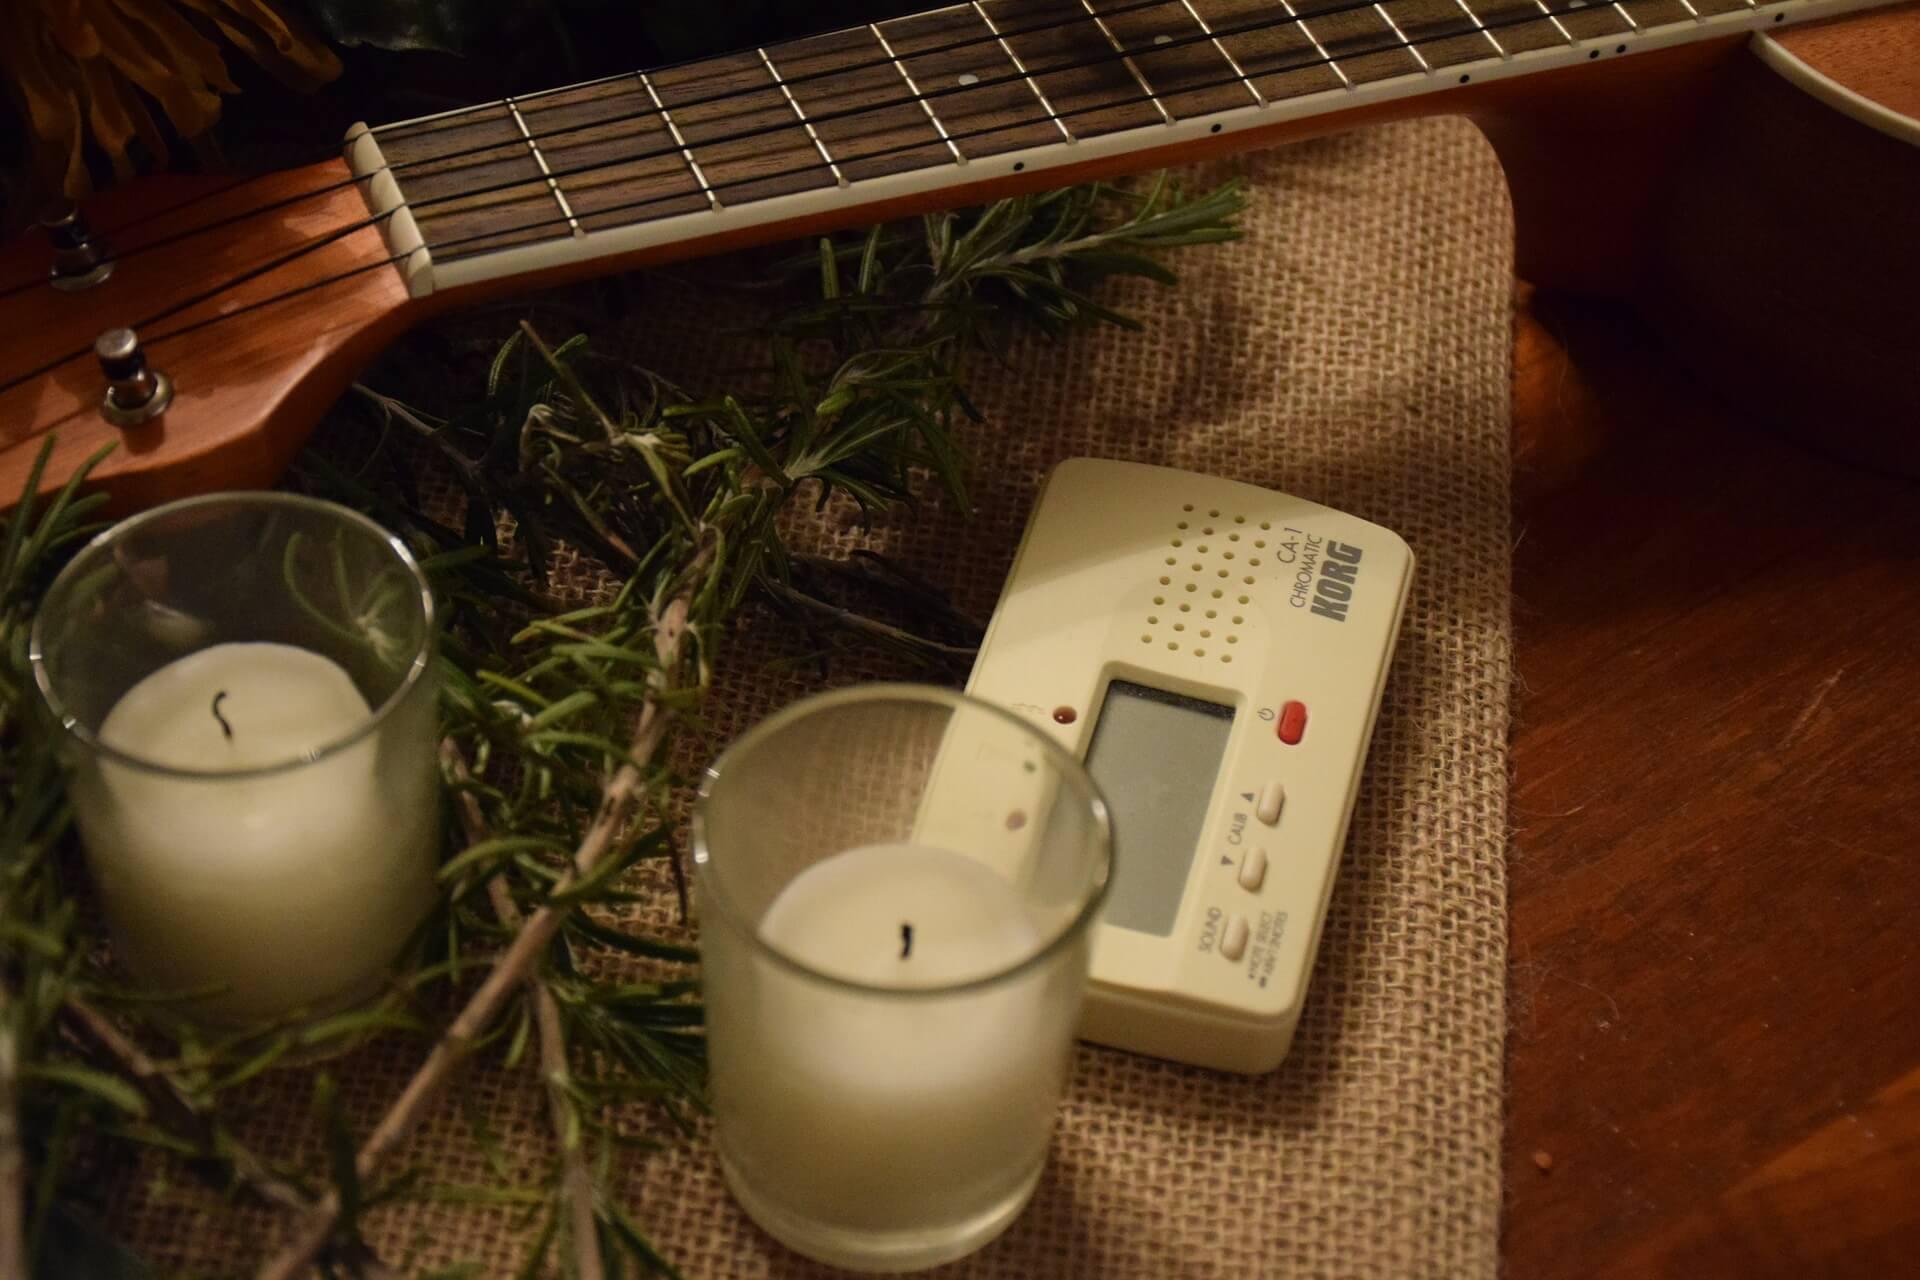 como tocar ukulele ukulele afinador